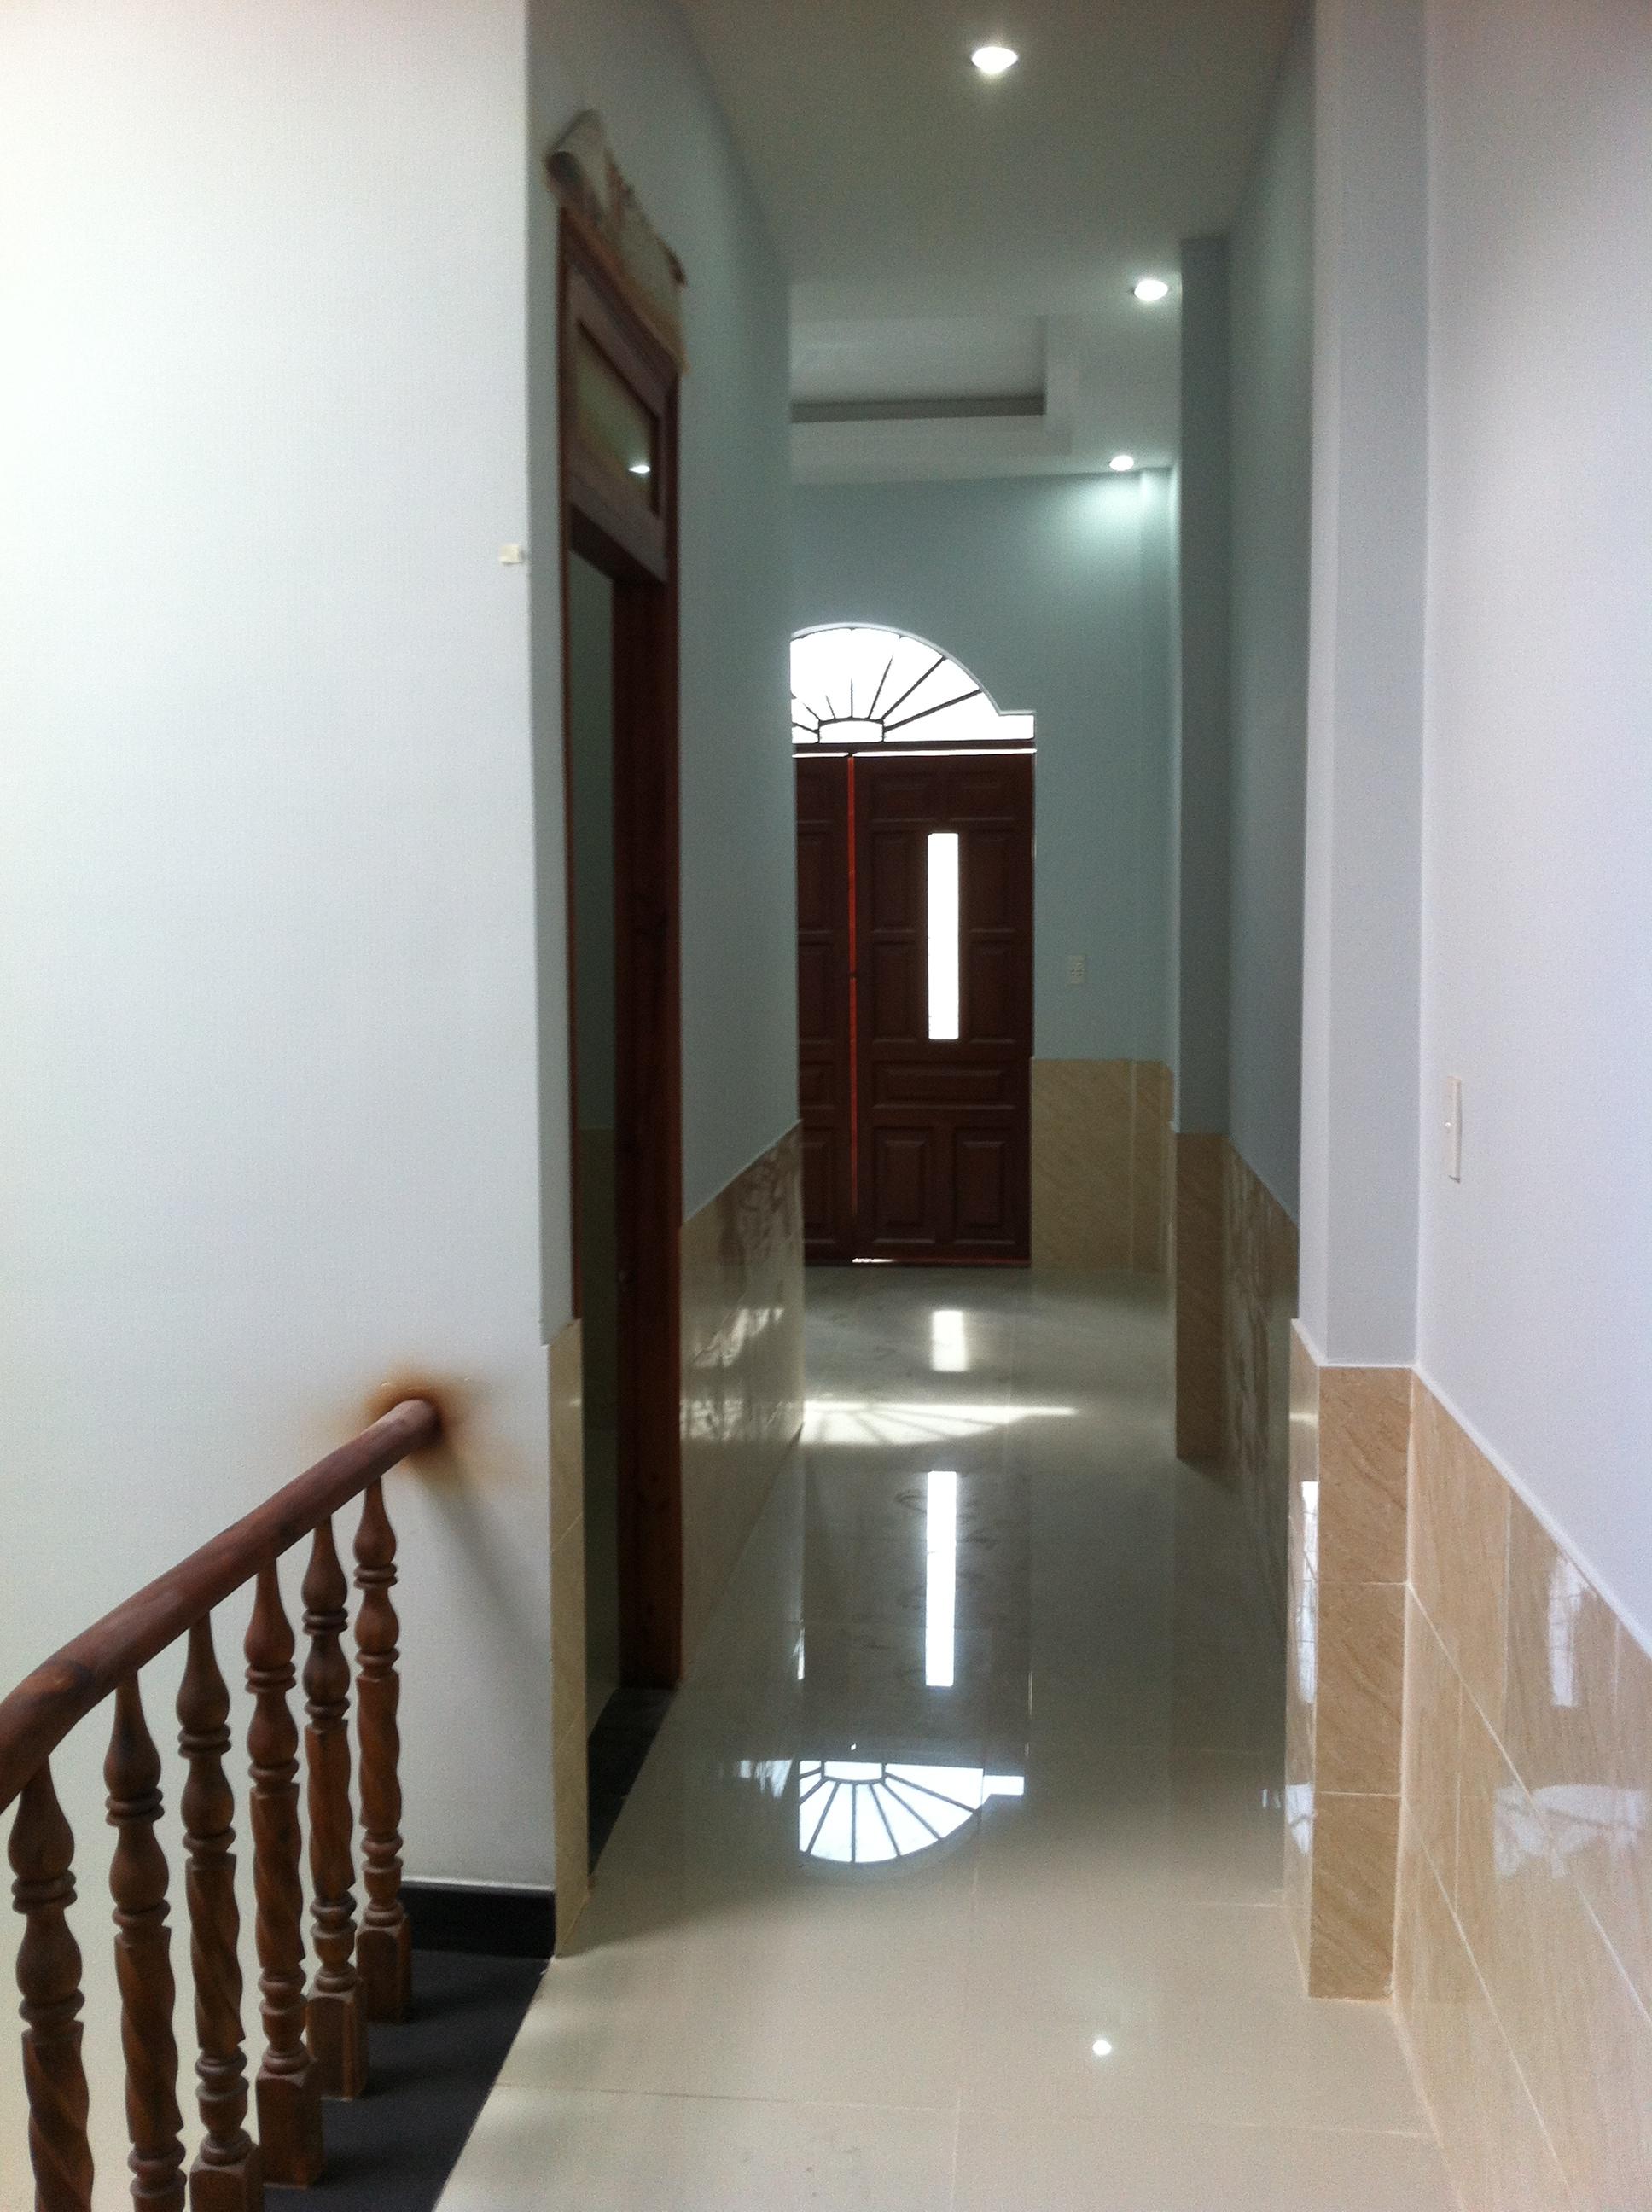 hành lang lầu 1 nhà phố mặt tiền buôn bán tốt ở dĩ an